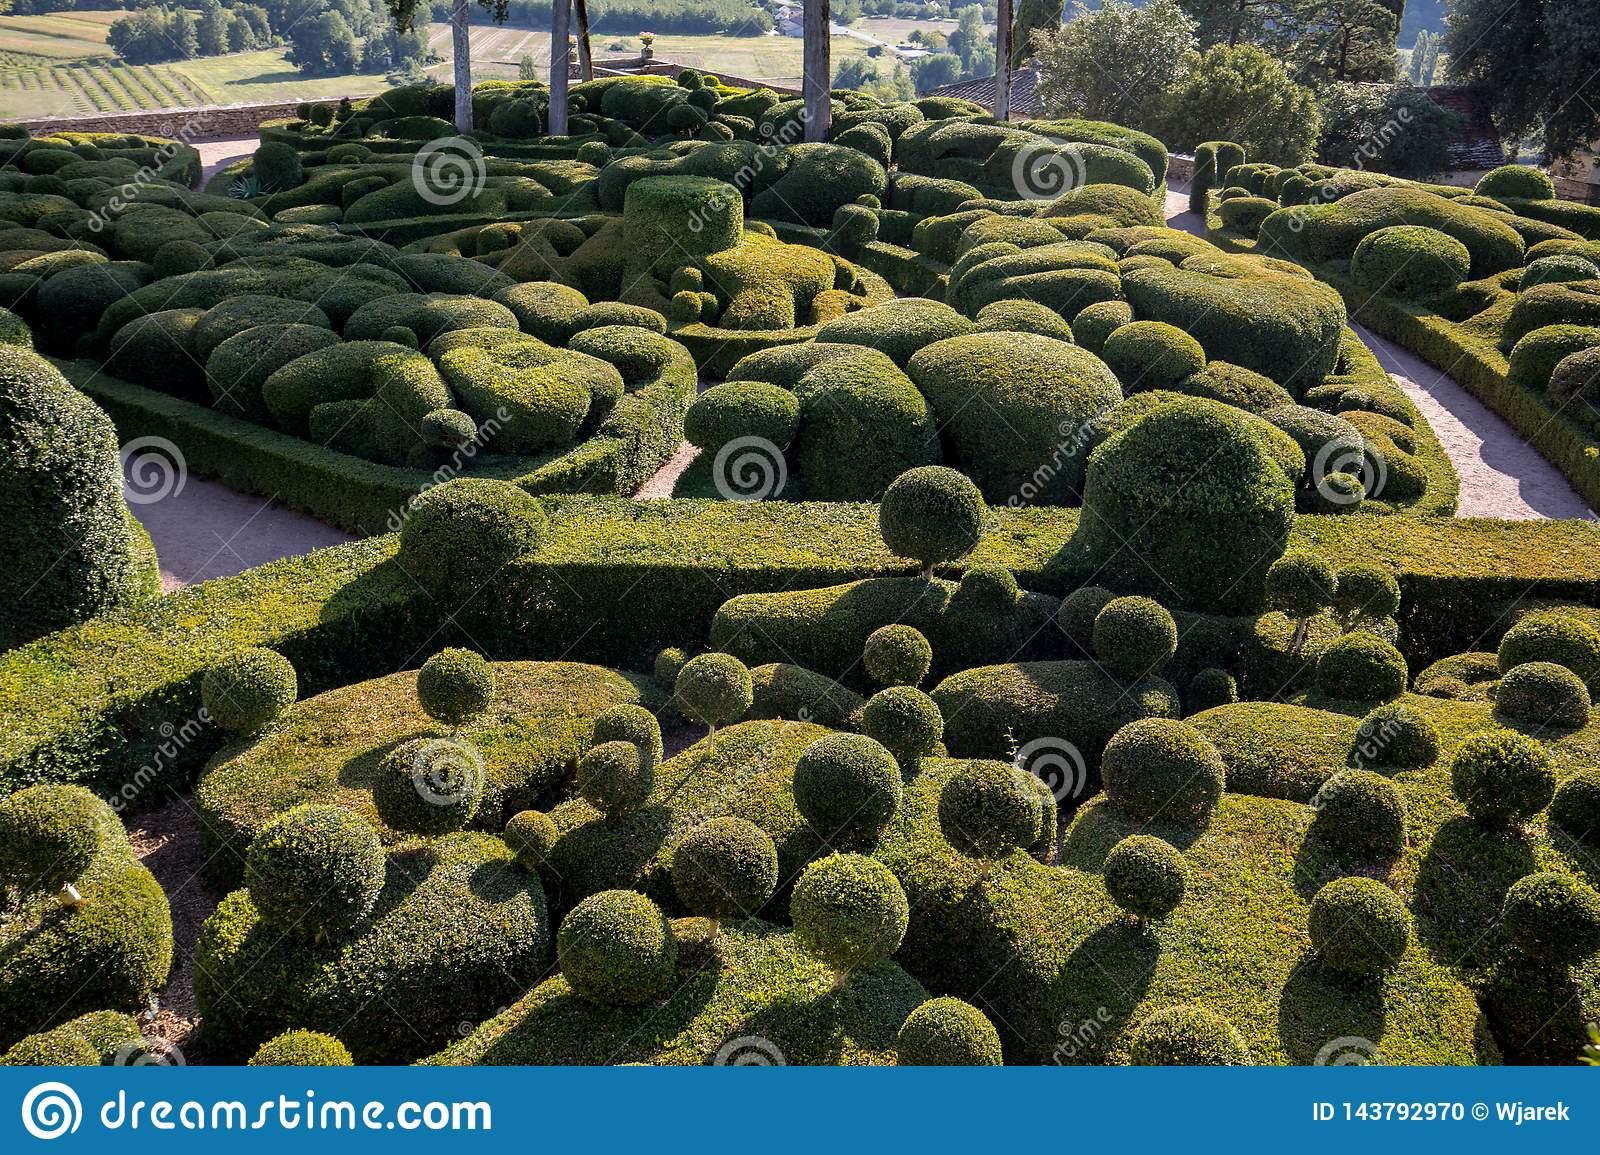 topiary gardens jardins de marqueyssac dordogne region france topiary gardens jardins de